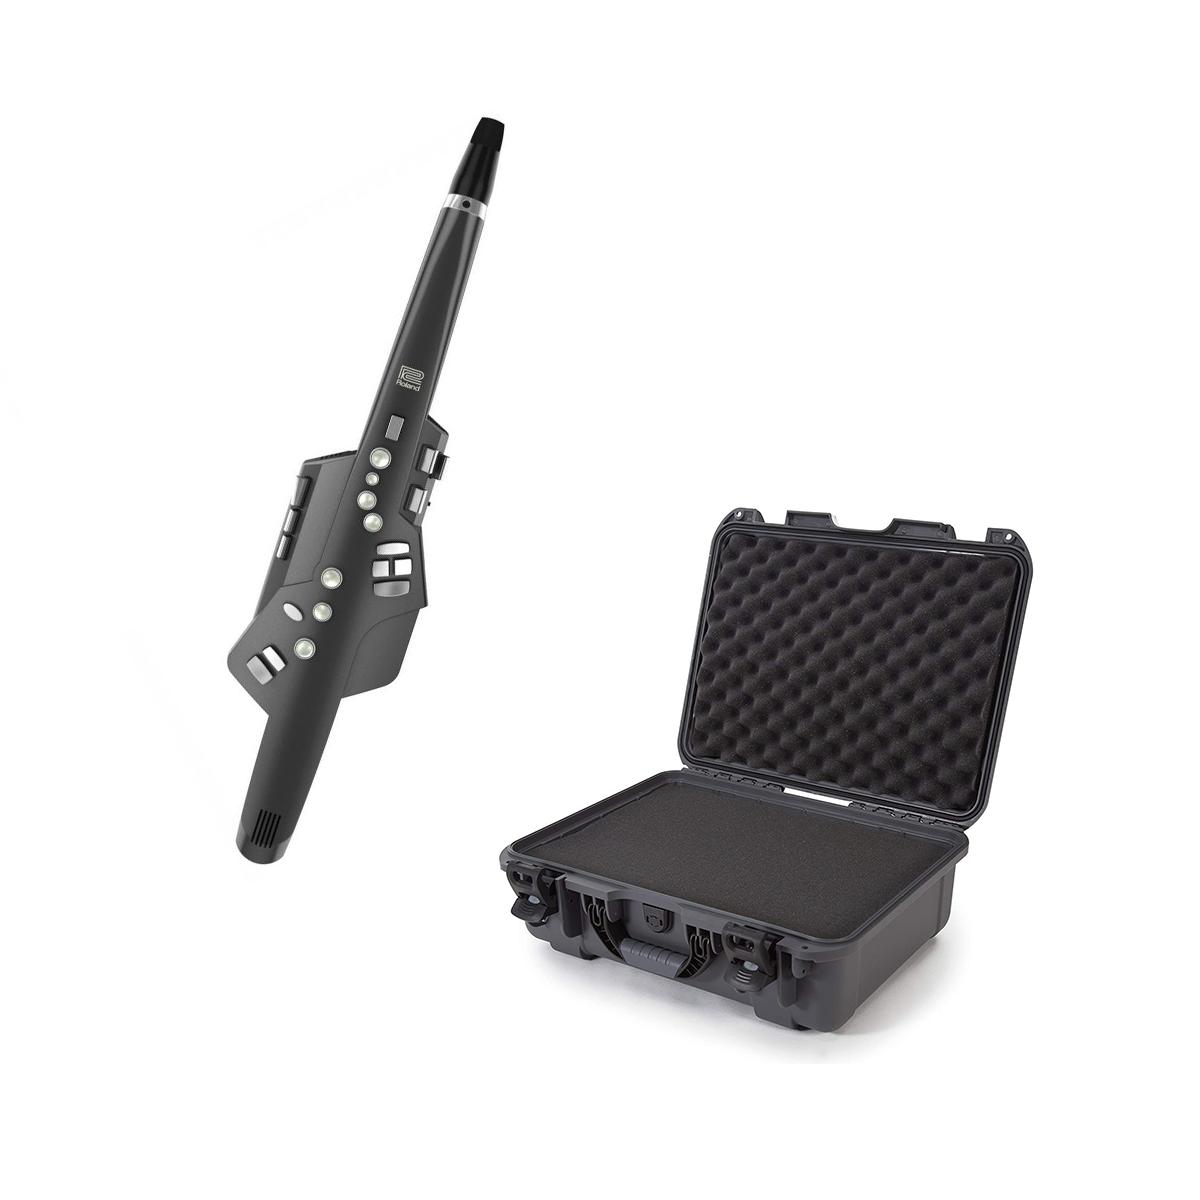 Roland Aerophone AE-10 Digital Wind Instrument (Graphite Black) - Casematix Waterproof Case